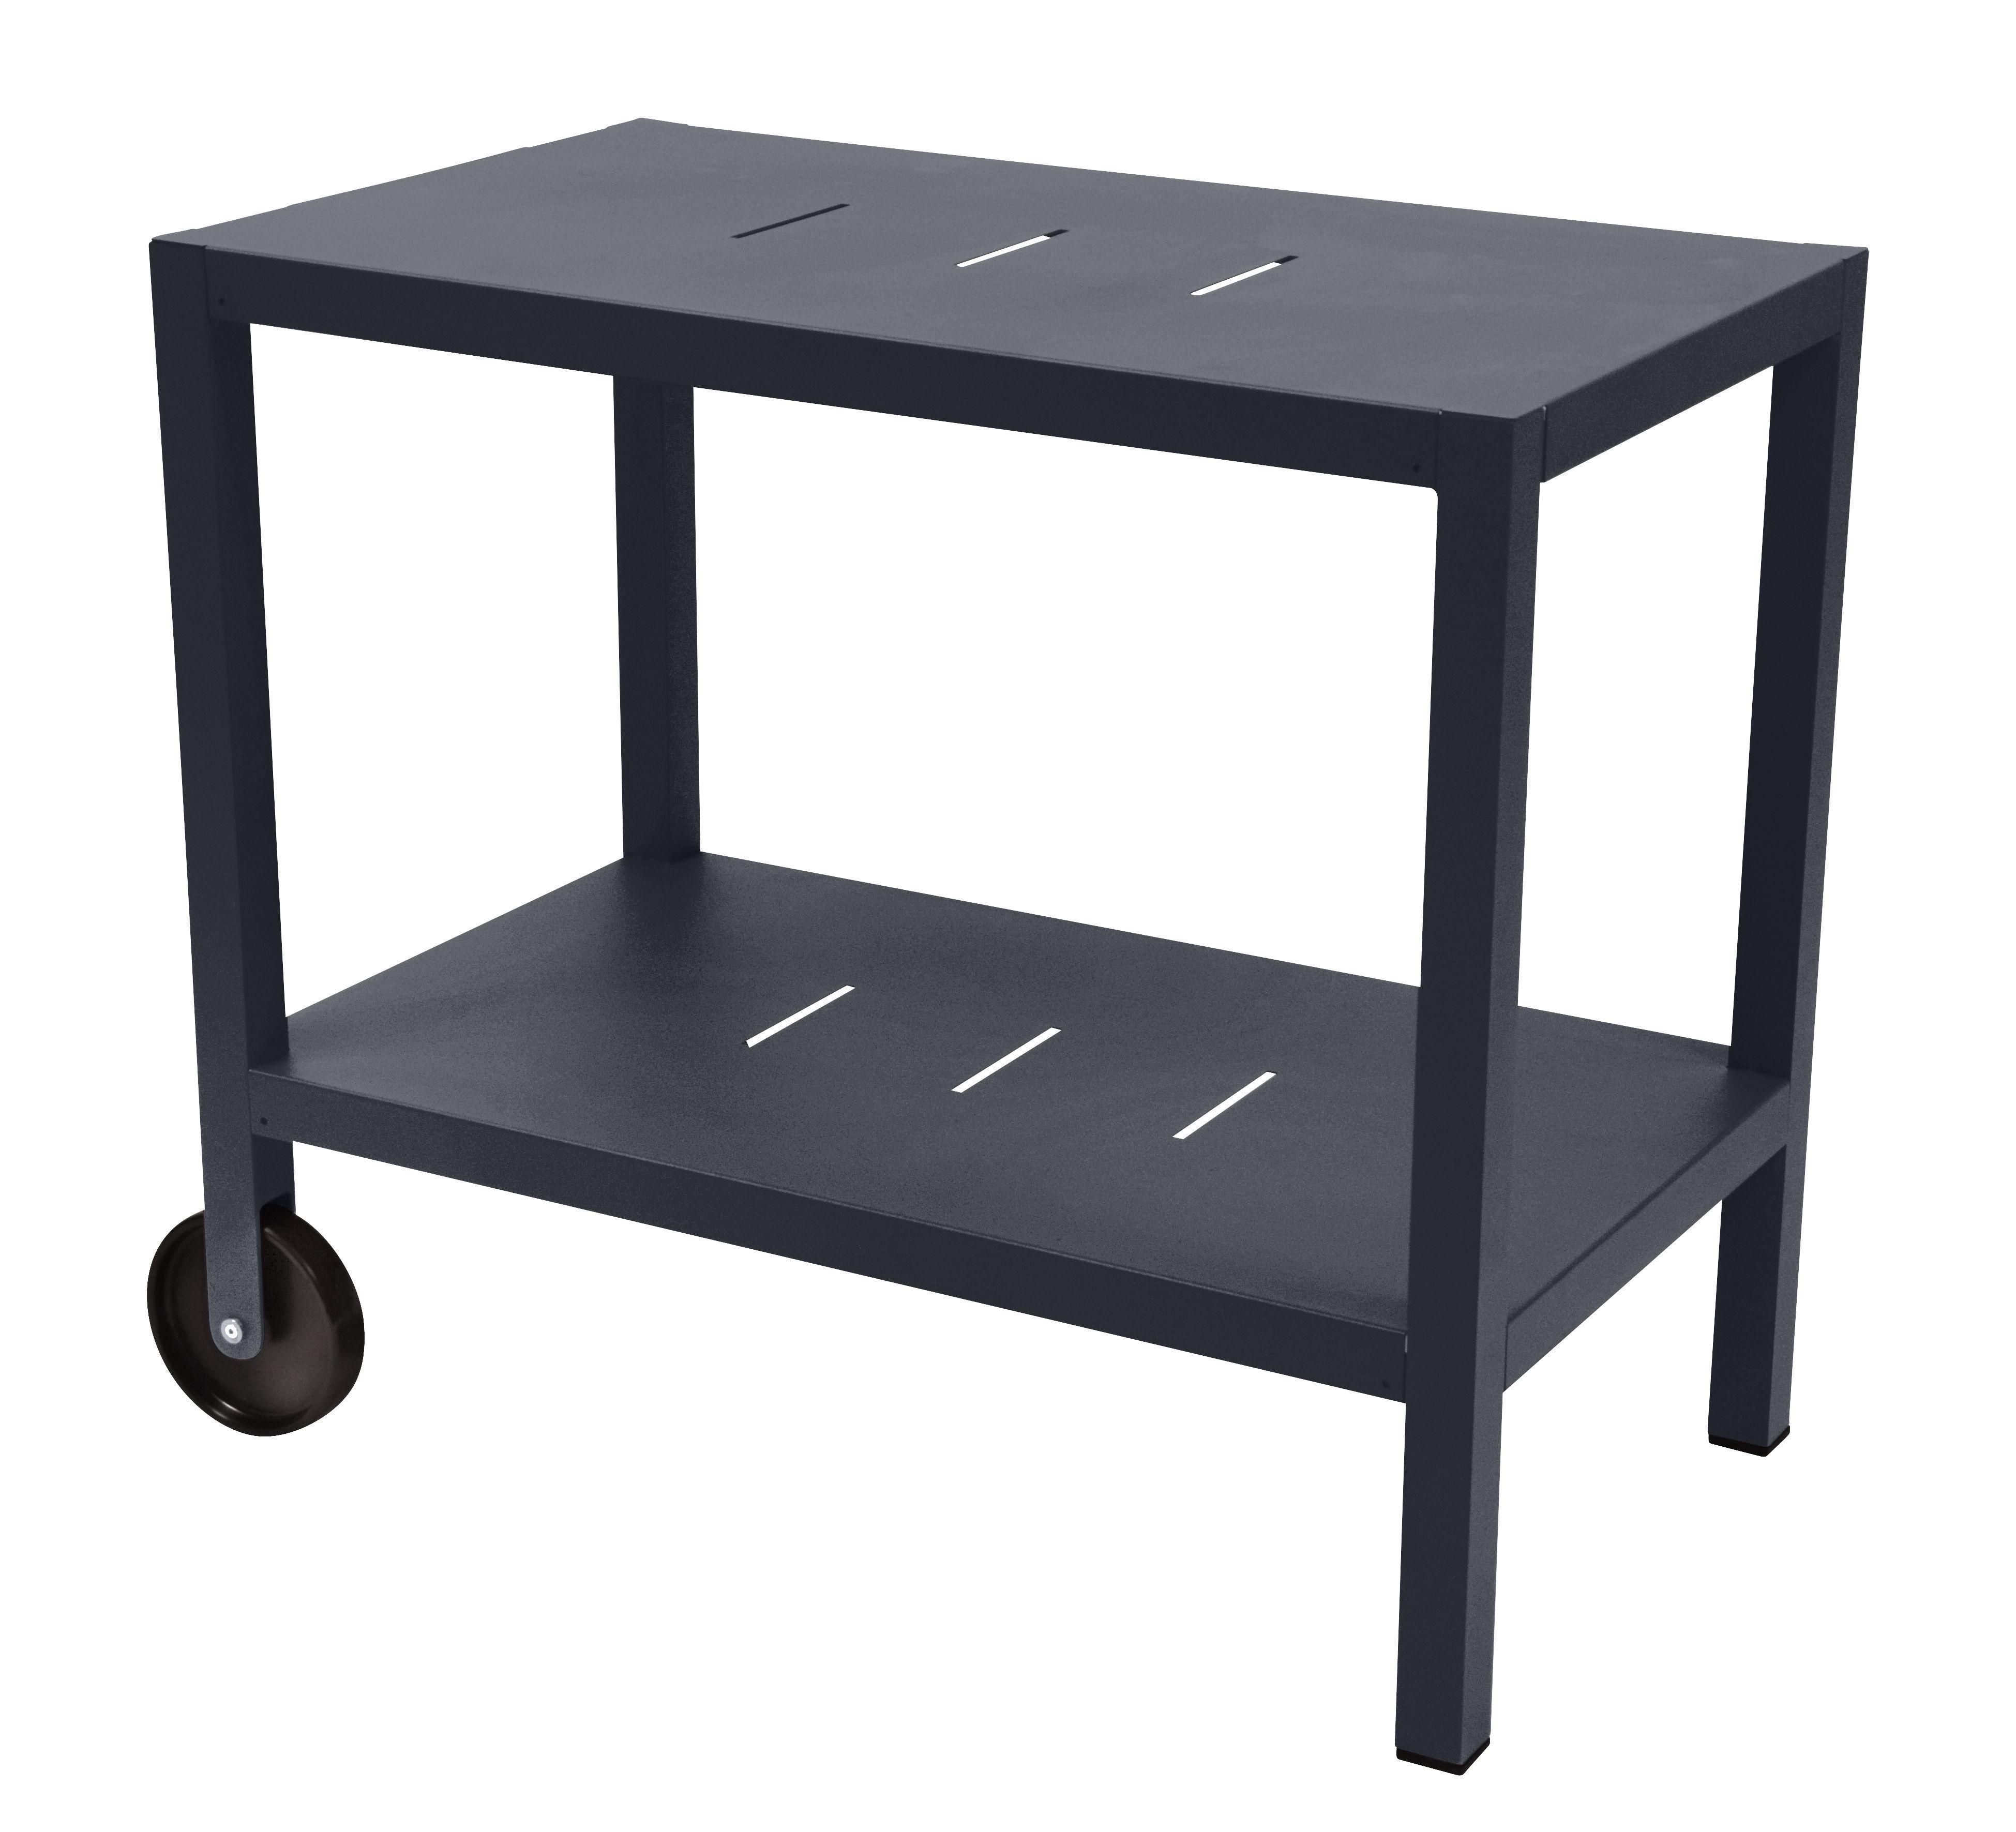 Arredamento - Complementi d'arredo - Carrello - tavolo d'appoggio Quiberon / Supporto per plancha - Fermob - Carbone - Acciaio, Alluminio